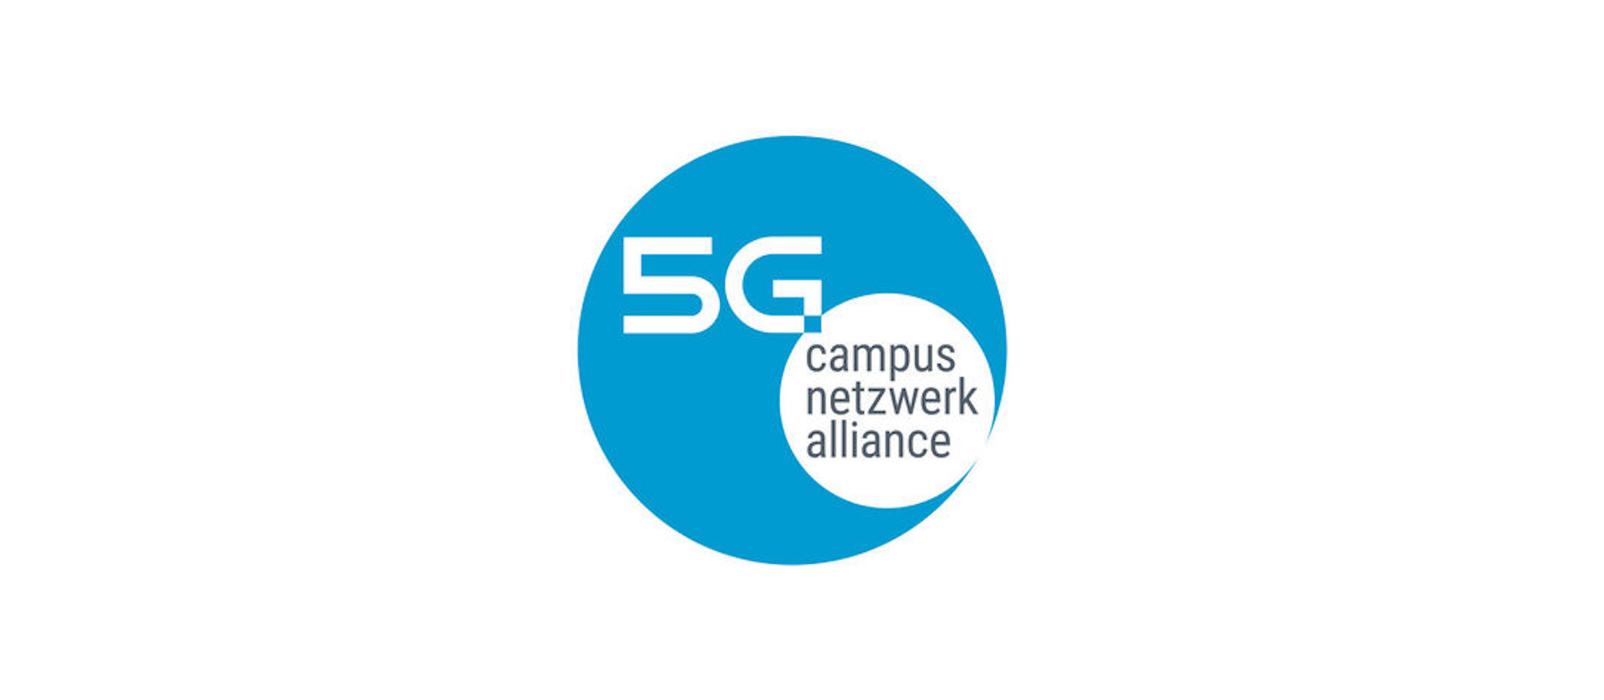 5G Campus Netzwerk Alliance